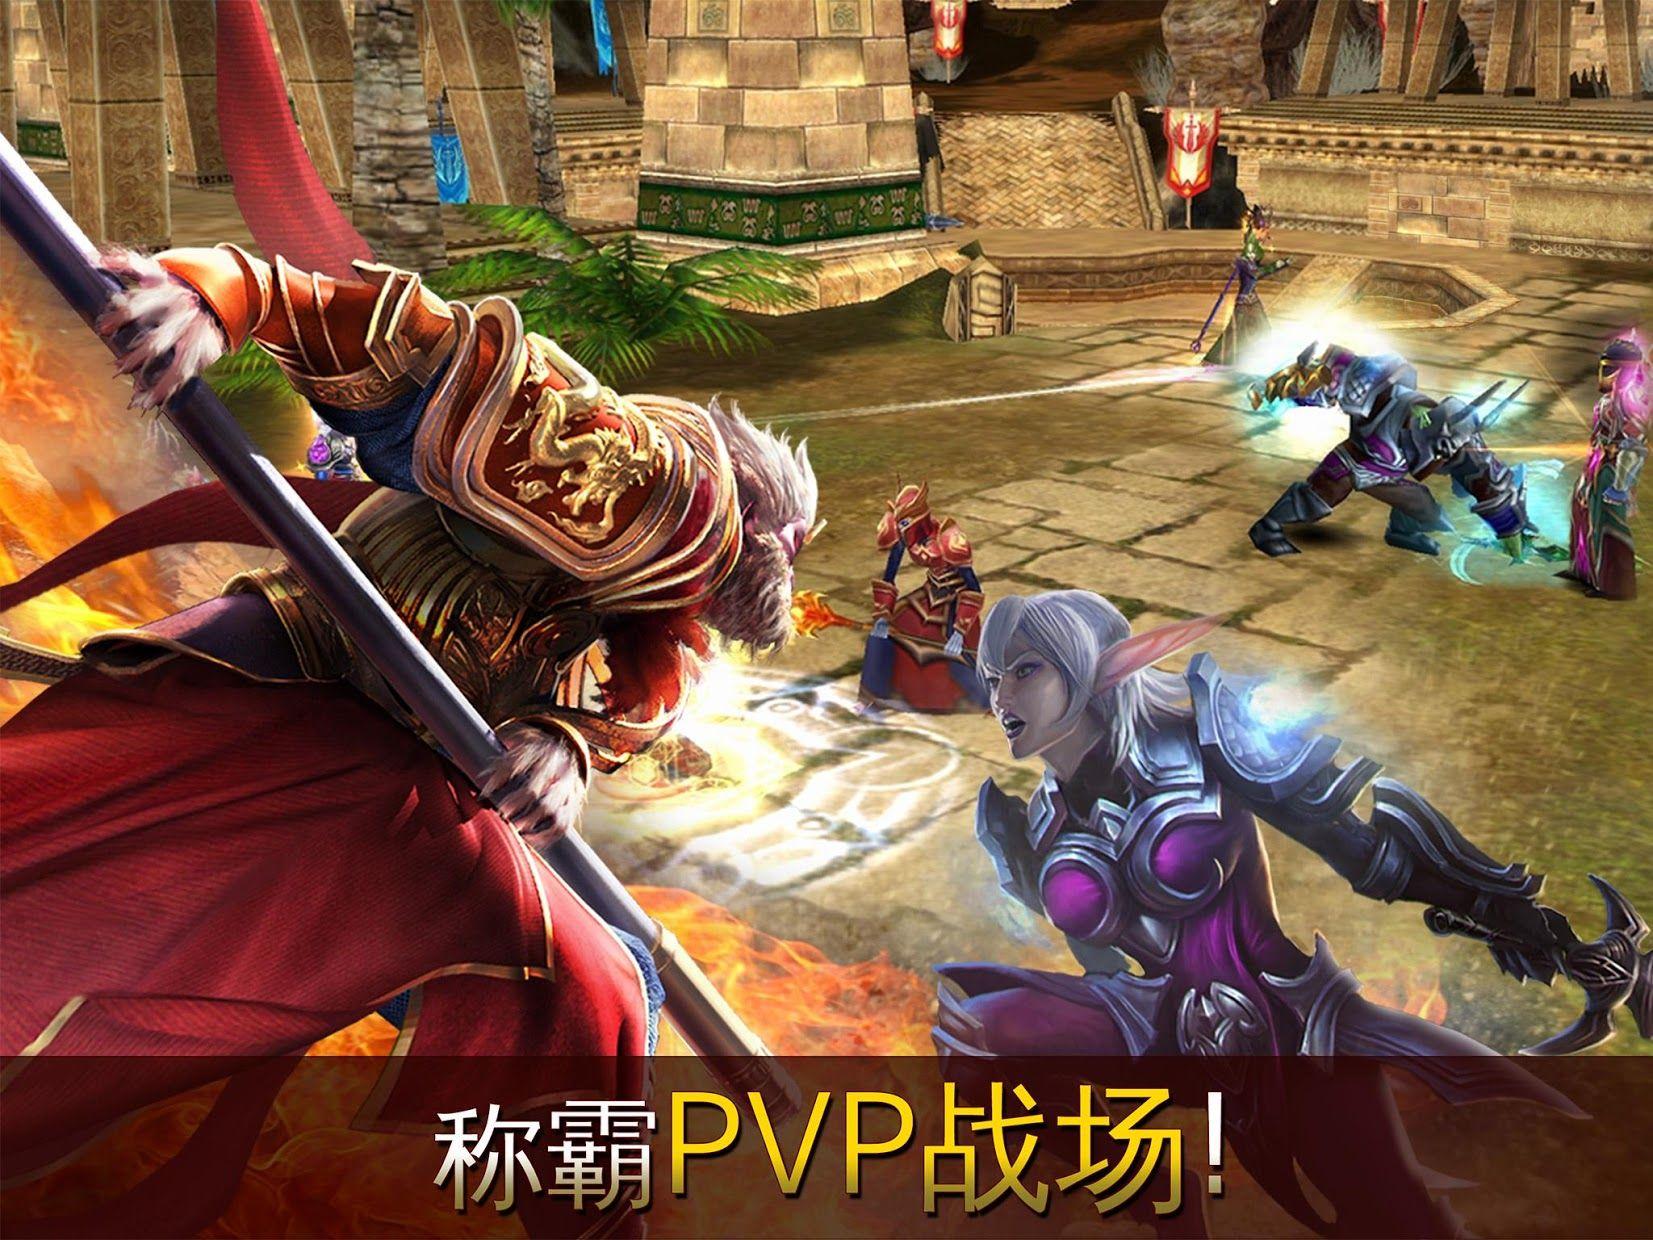 混沌与秩序Online - 魔幻3D MMORPG手游 游戏截图3